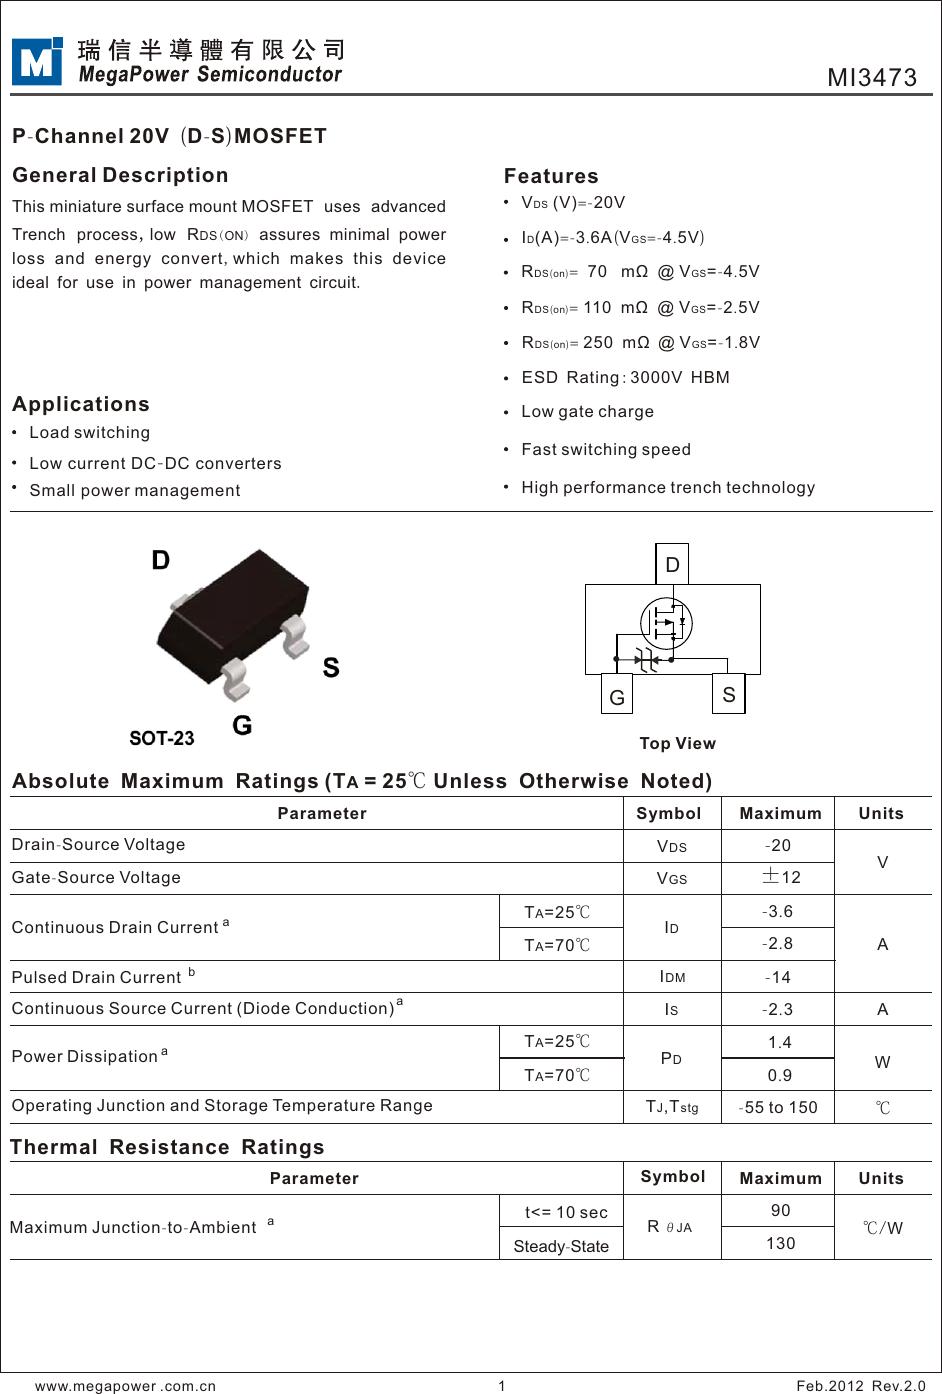 MI3473 Datasheet  Www s manuals com  Megapower